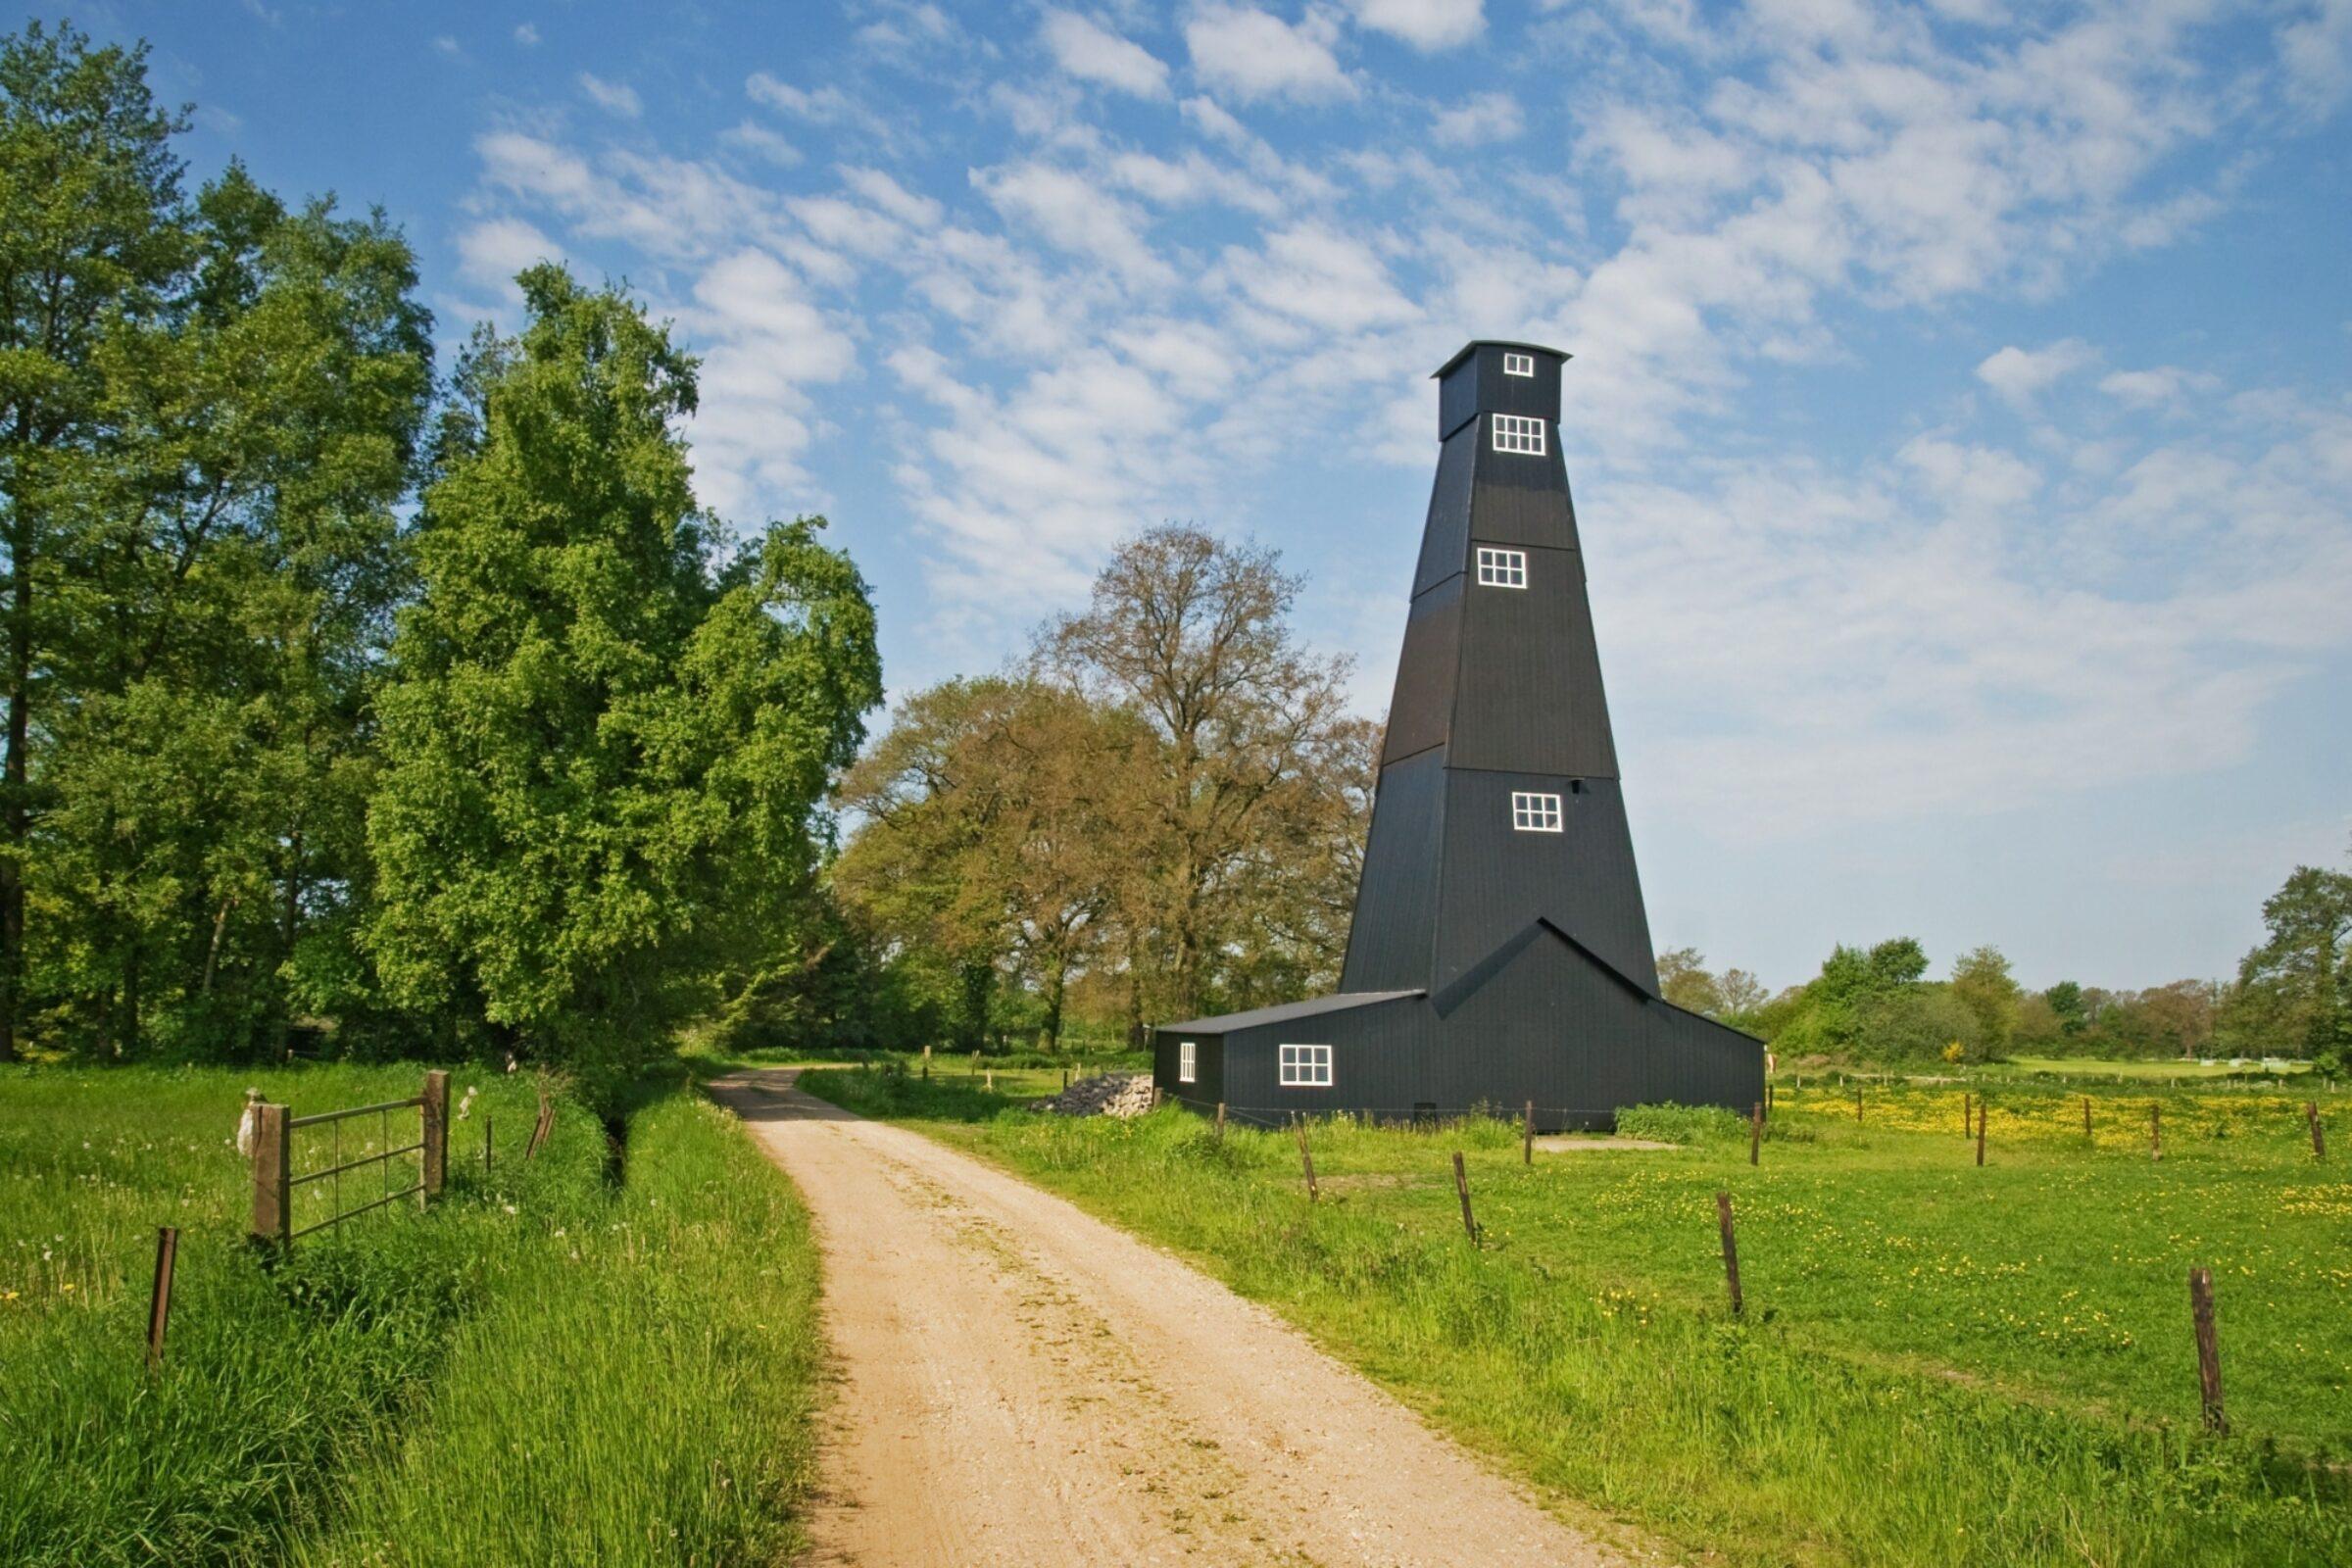 Zouttoren in Landschap Laurens Kuipers HR 1150 1533302246 35ht13dfnv